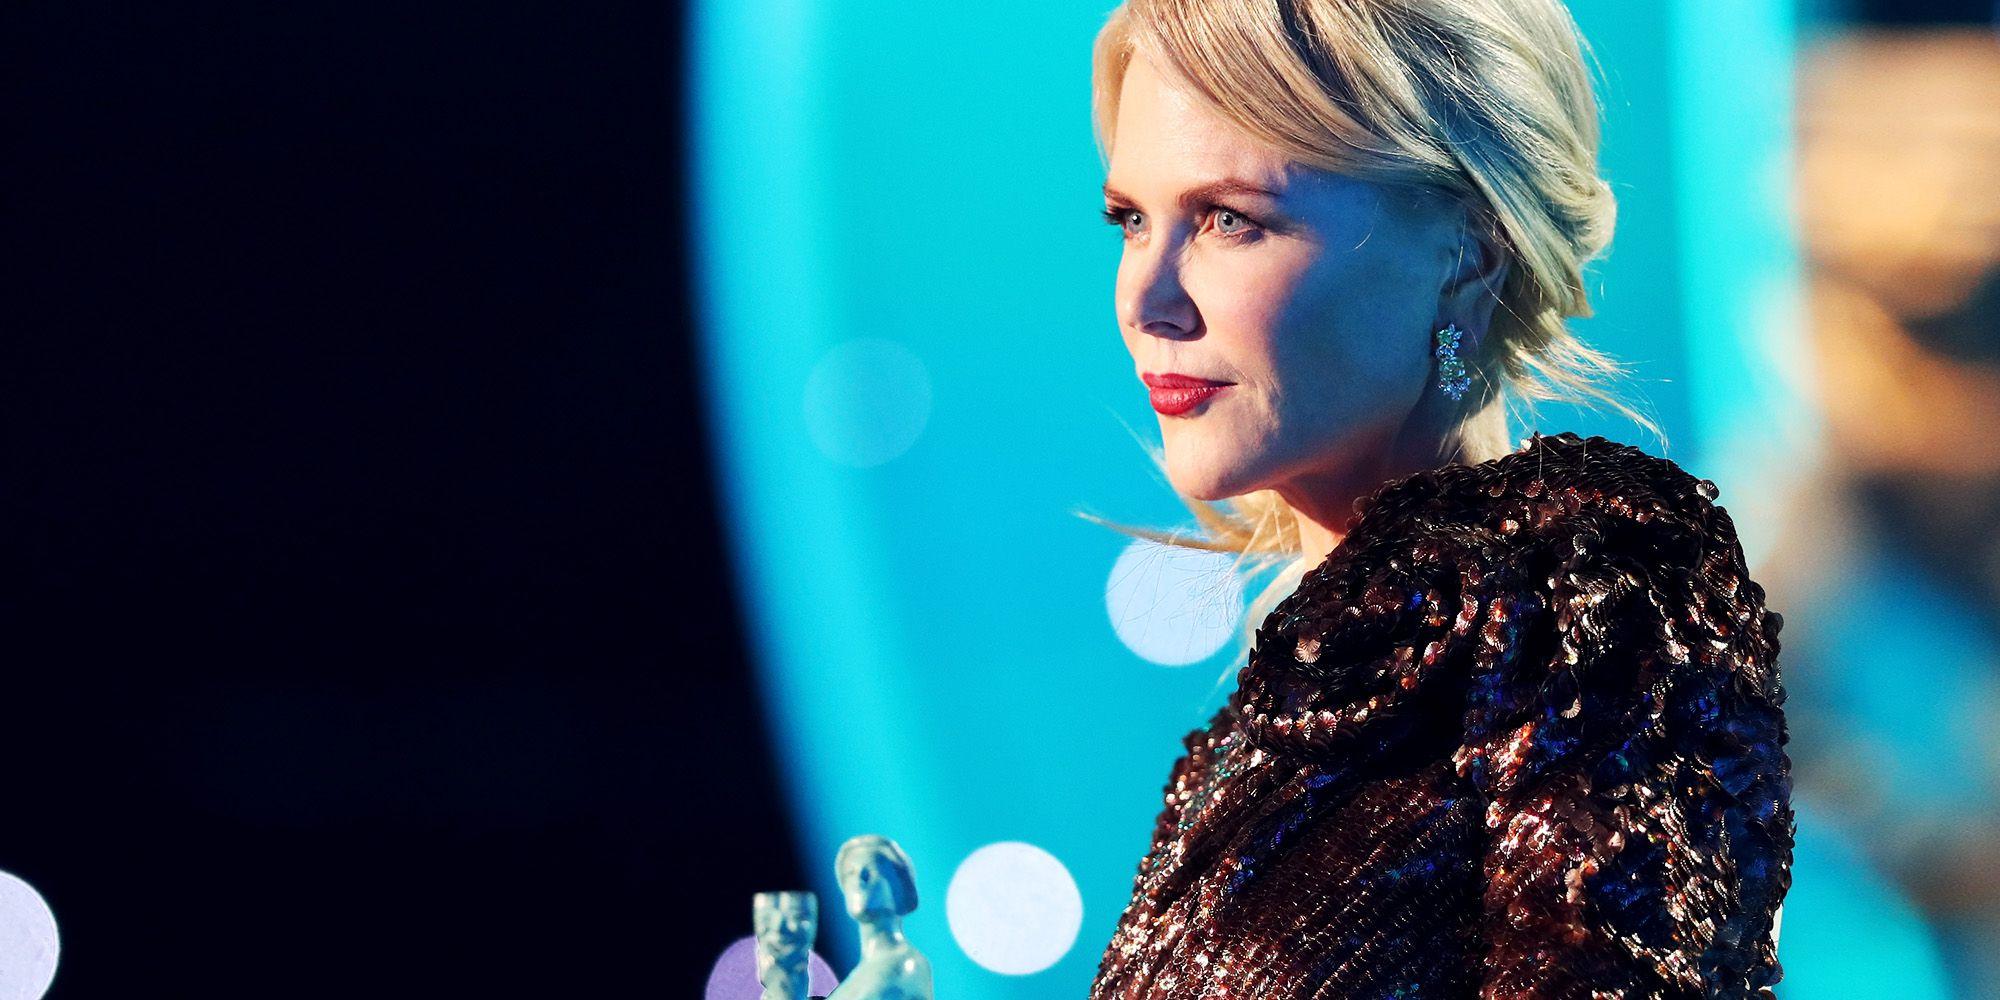 elle viet nam Nicole Kidman kêu gọi Hollywood tiếp tục ủng hộ cho phụ nữ ngoài 40